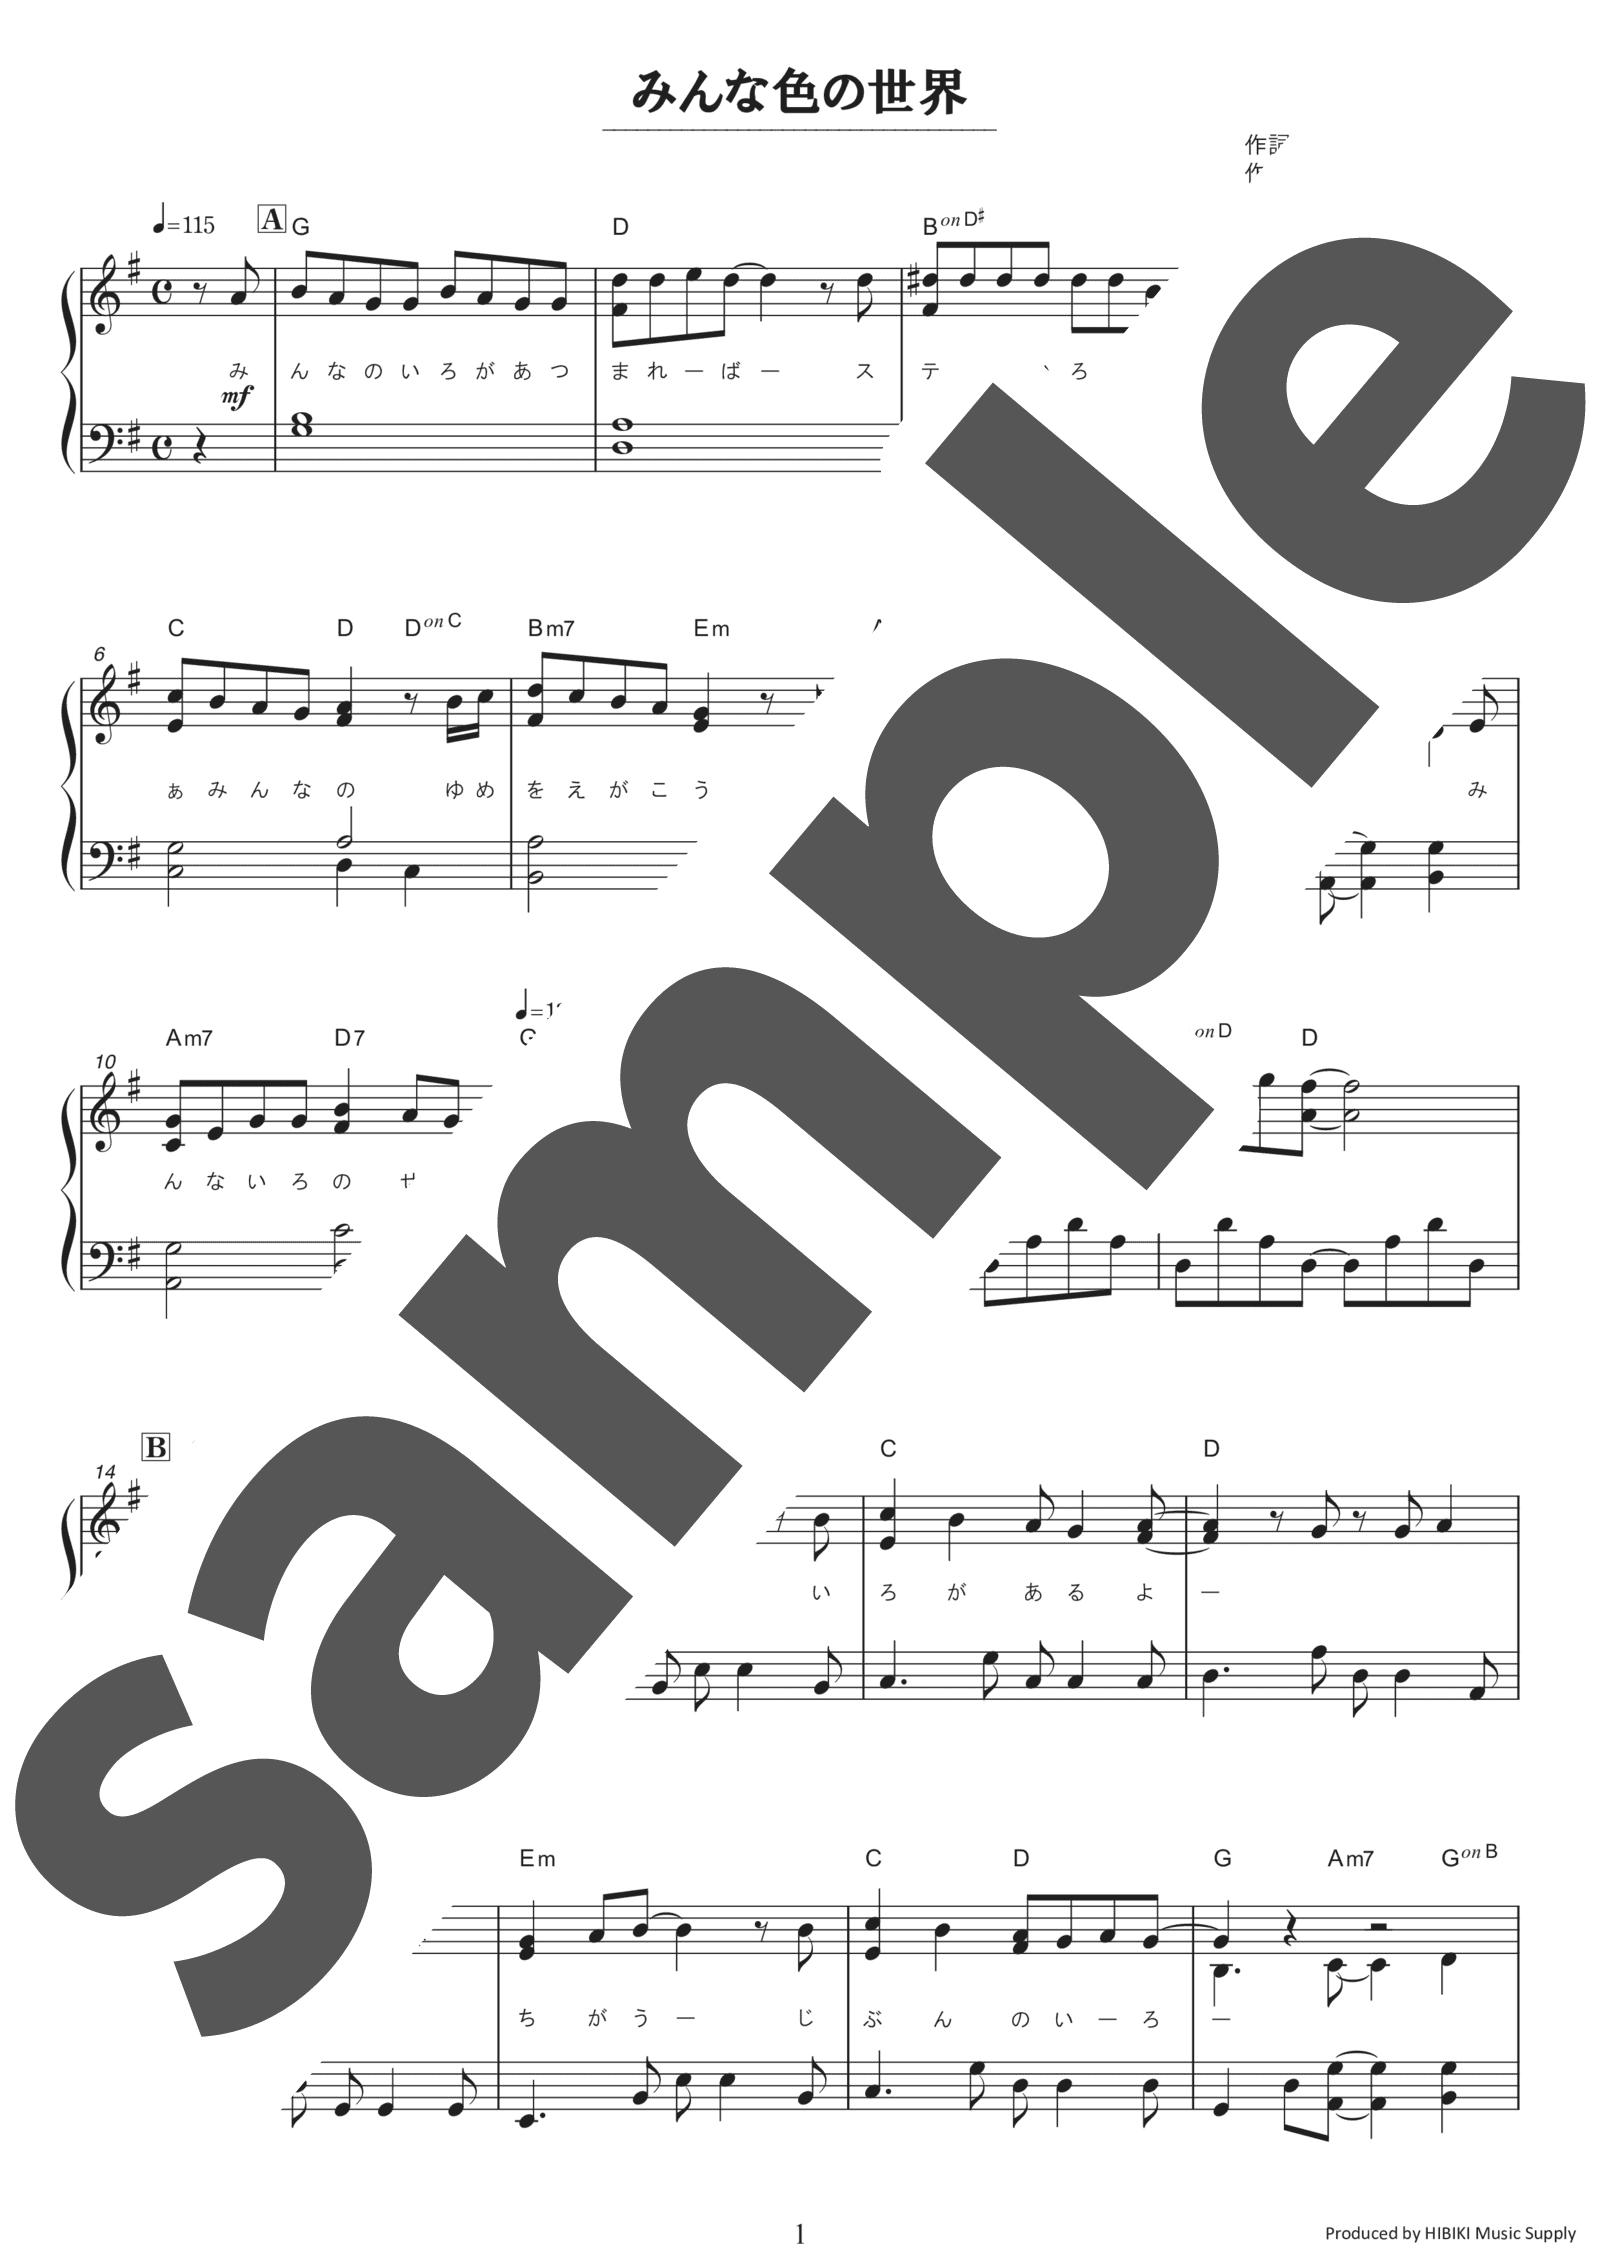 「みんな色の世界」のサンプル楽譜